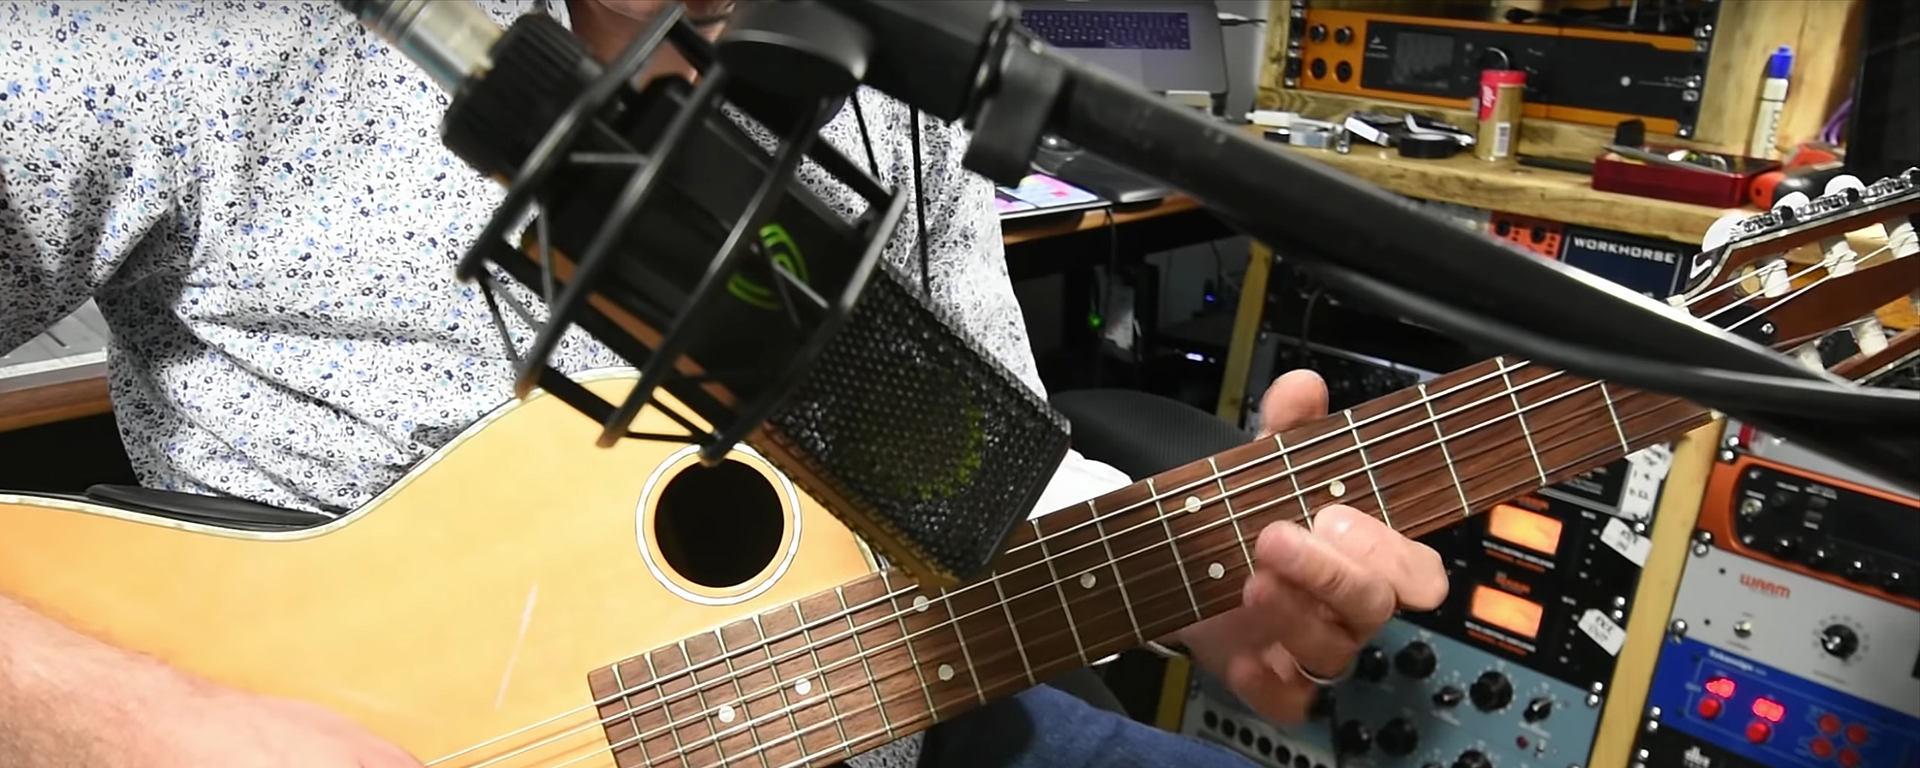 LCT 540 S best studio microphone [Photo © ProToolsExpert]